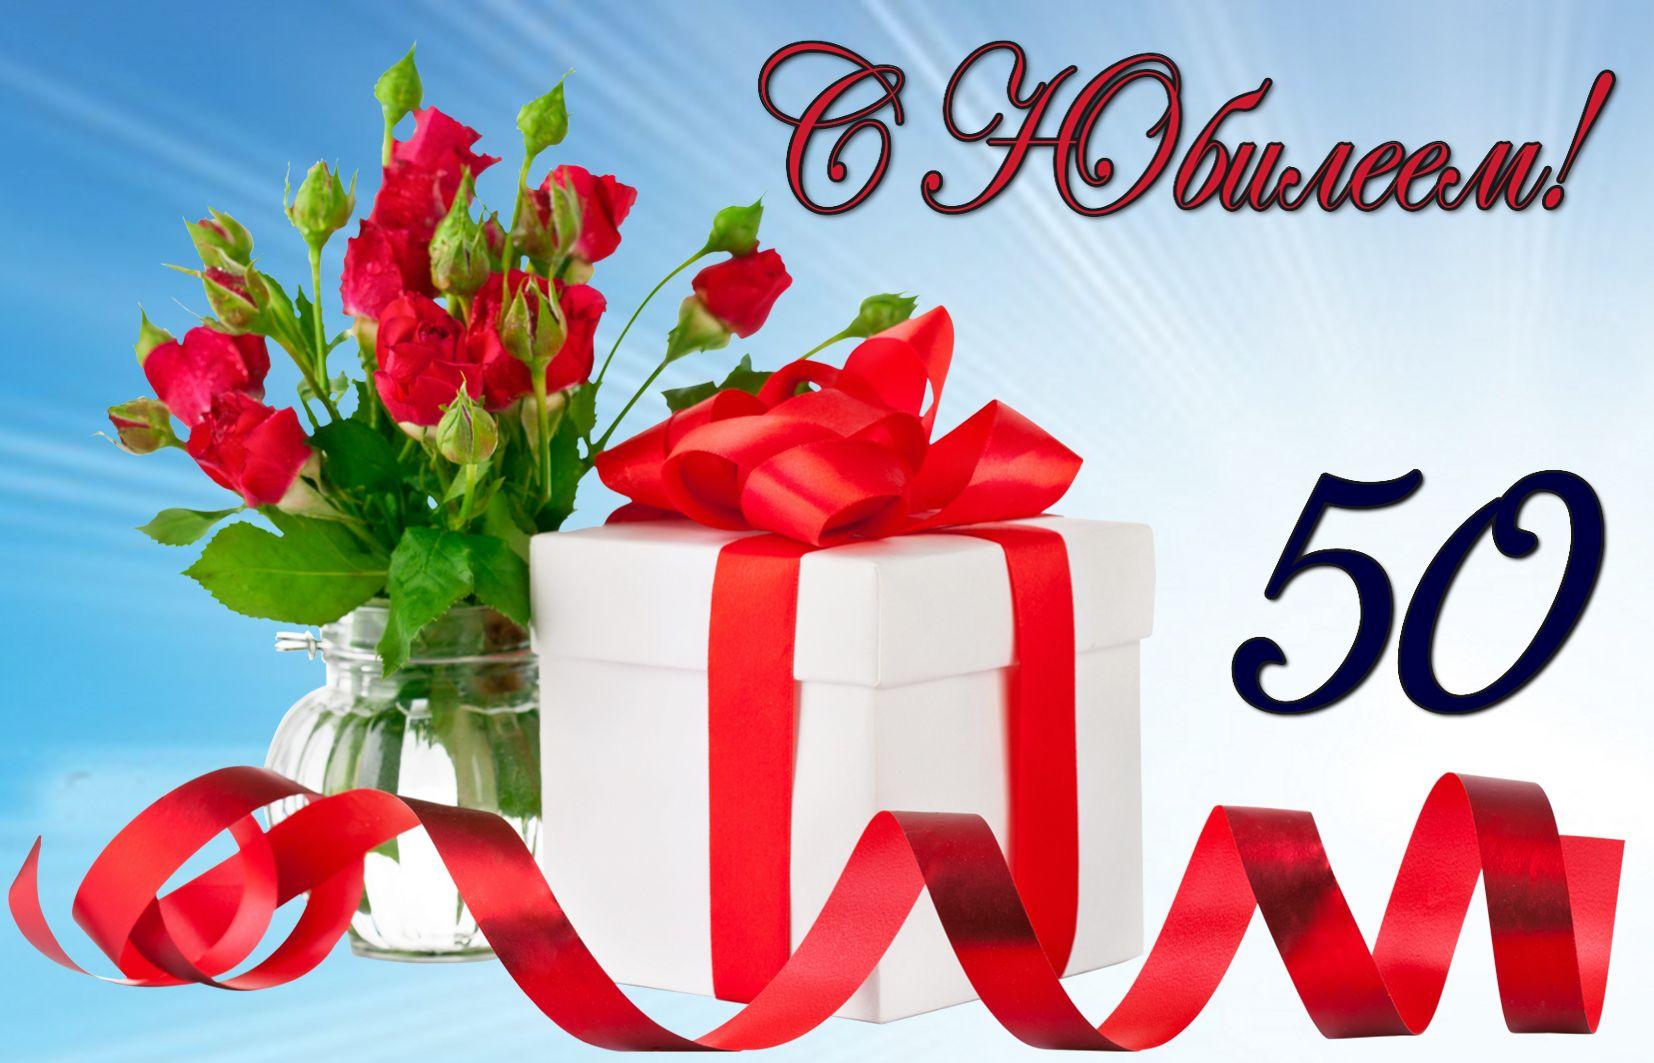 Открытка на юбилей 50 лет - красивый подарок с красной ленточкой